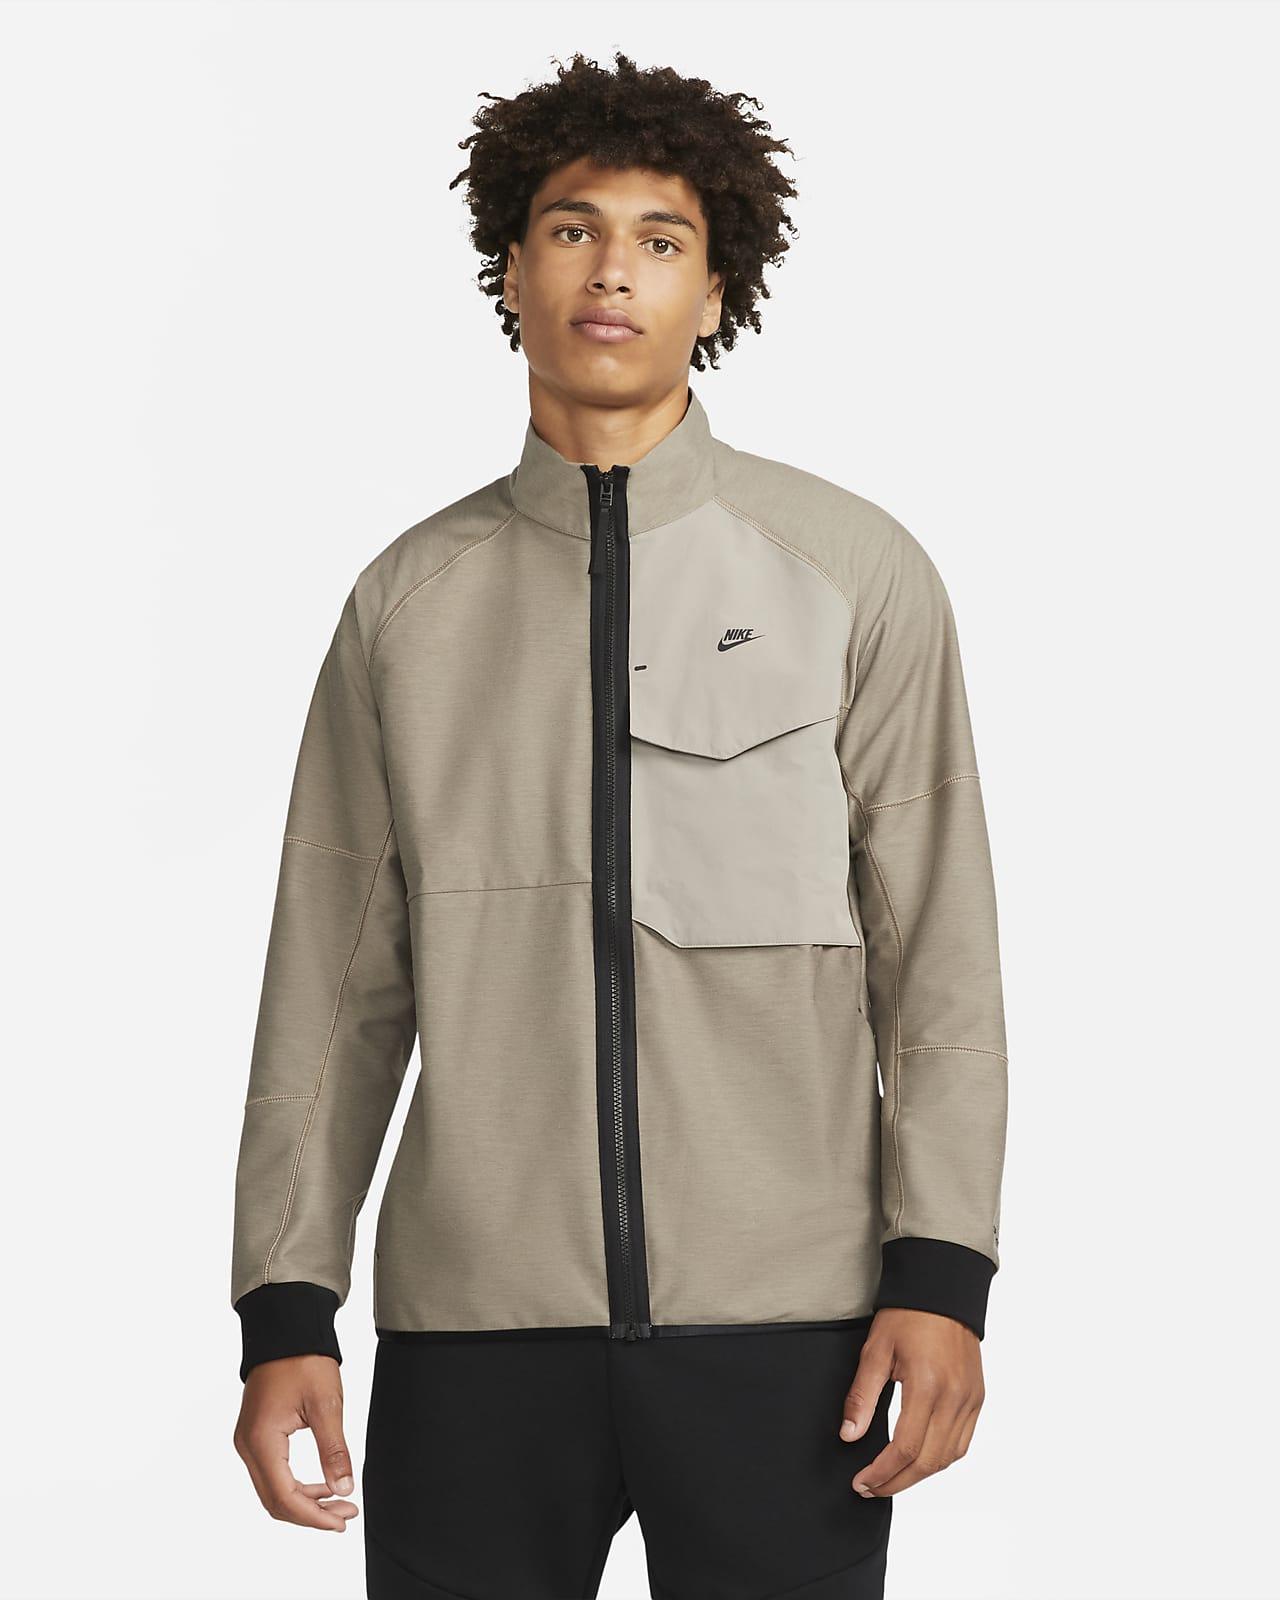 Nike Sportswear Dri-FIT Tech Pack Men's Unlined Tracksuit Jacket